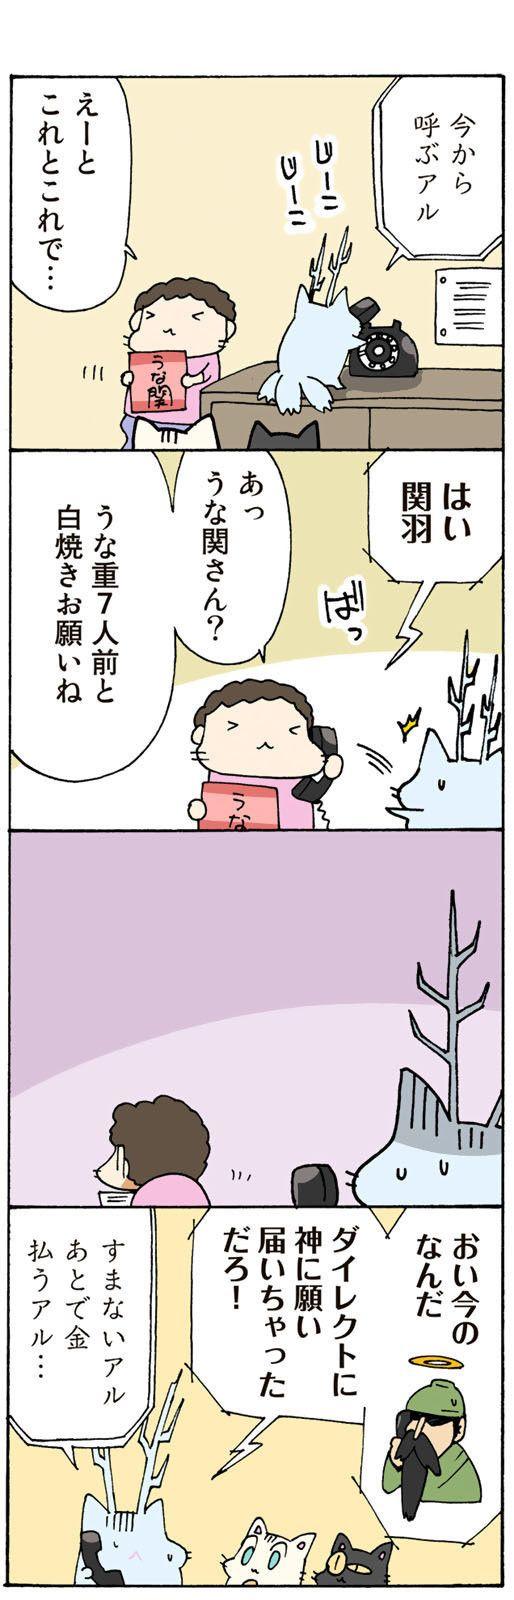 ©片倉真二/講談社